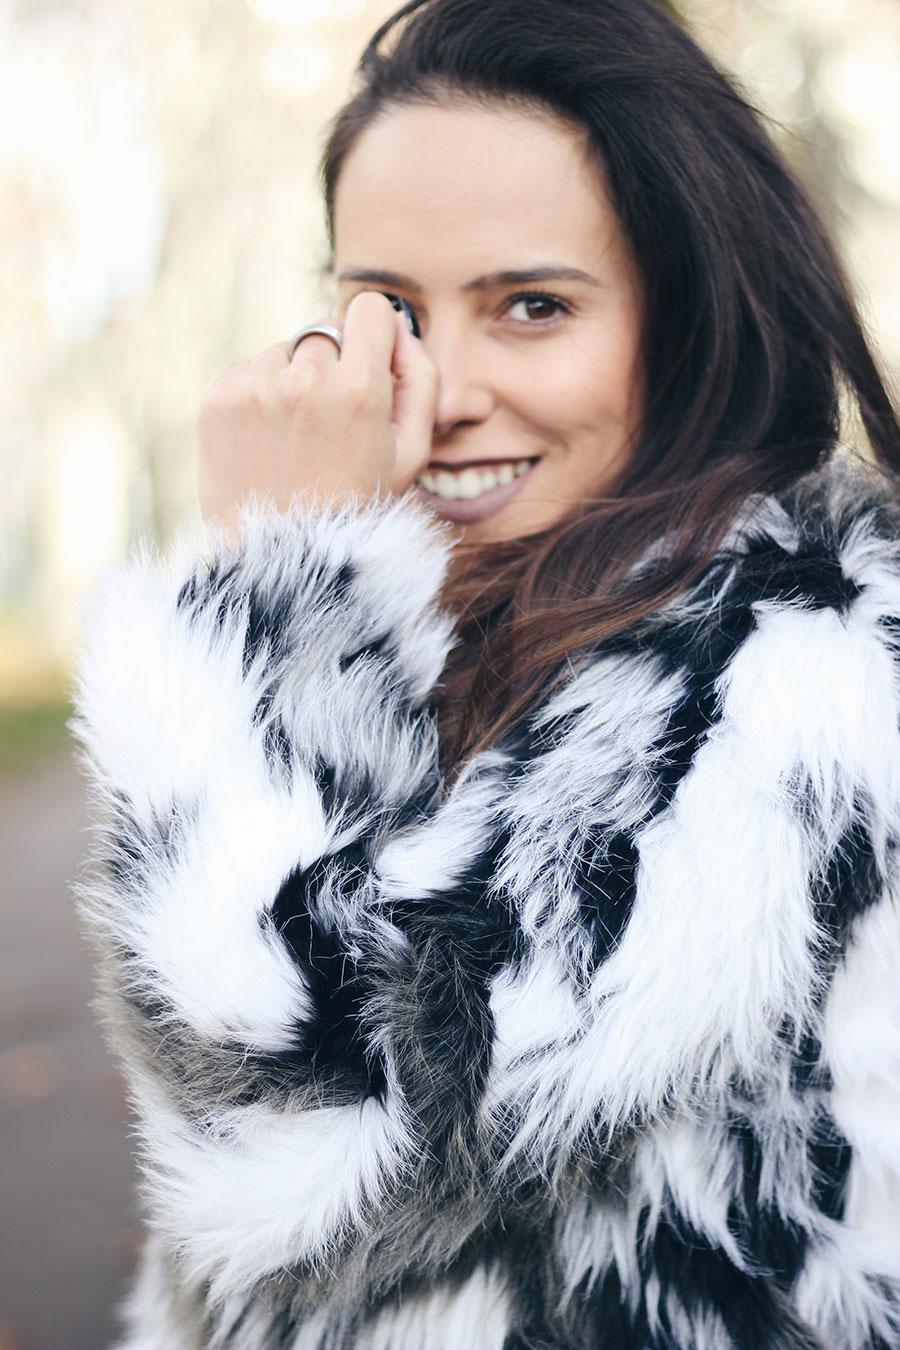 Os casacos de pêlo (falso) ainda se usam